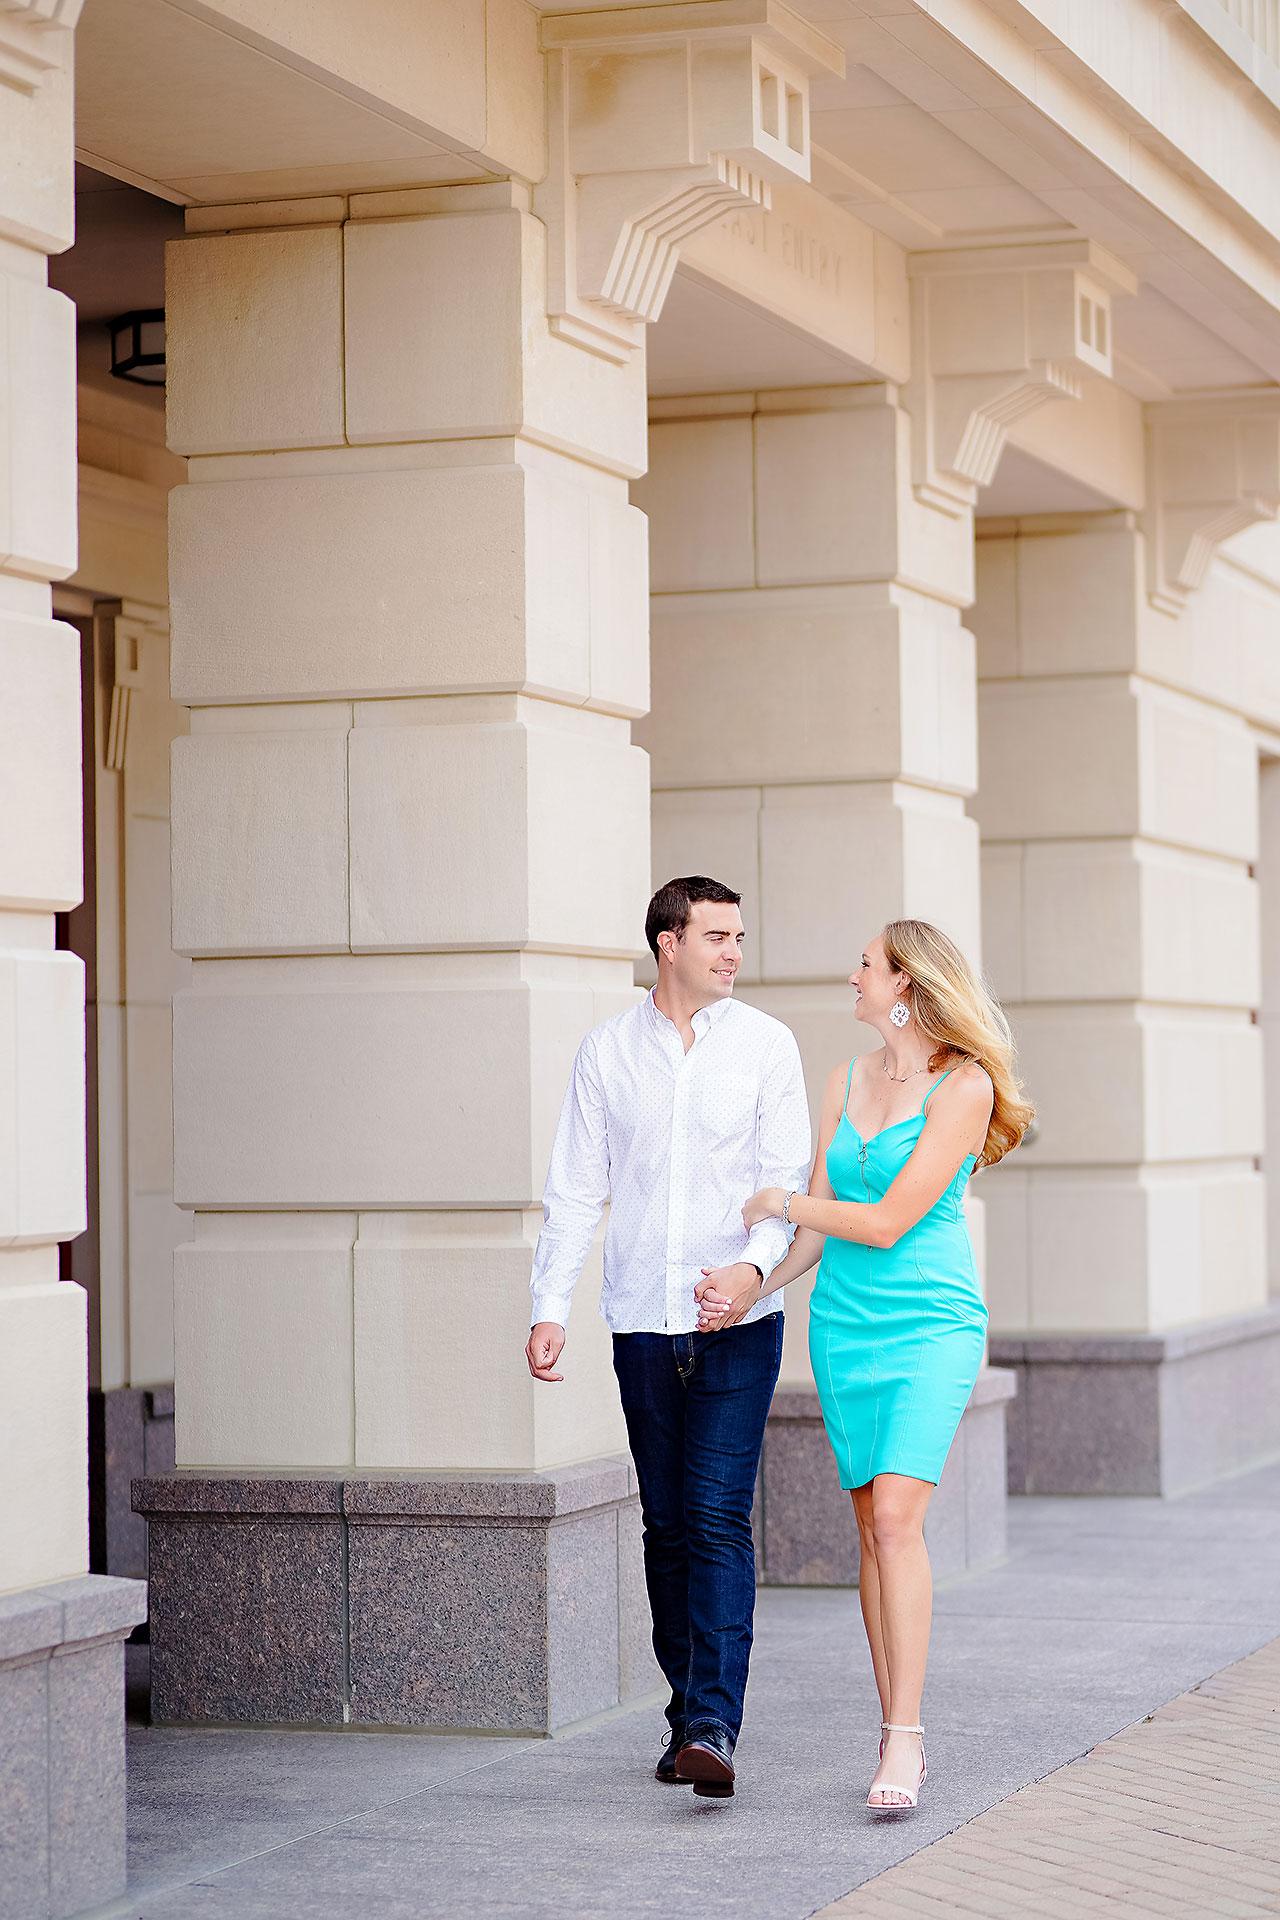 Liz Zach Midtown Carmel Engagement Session 144